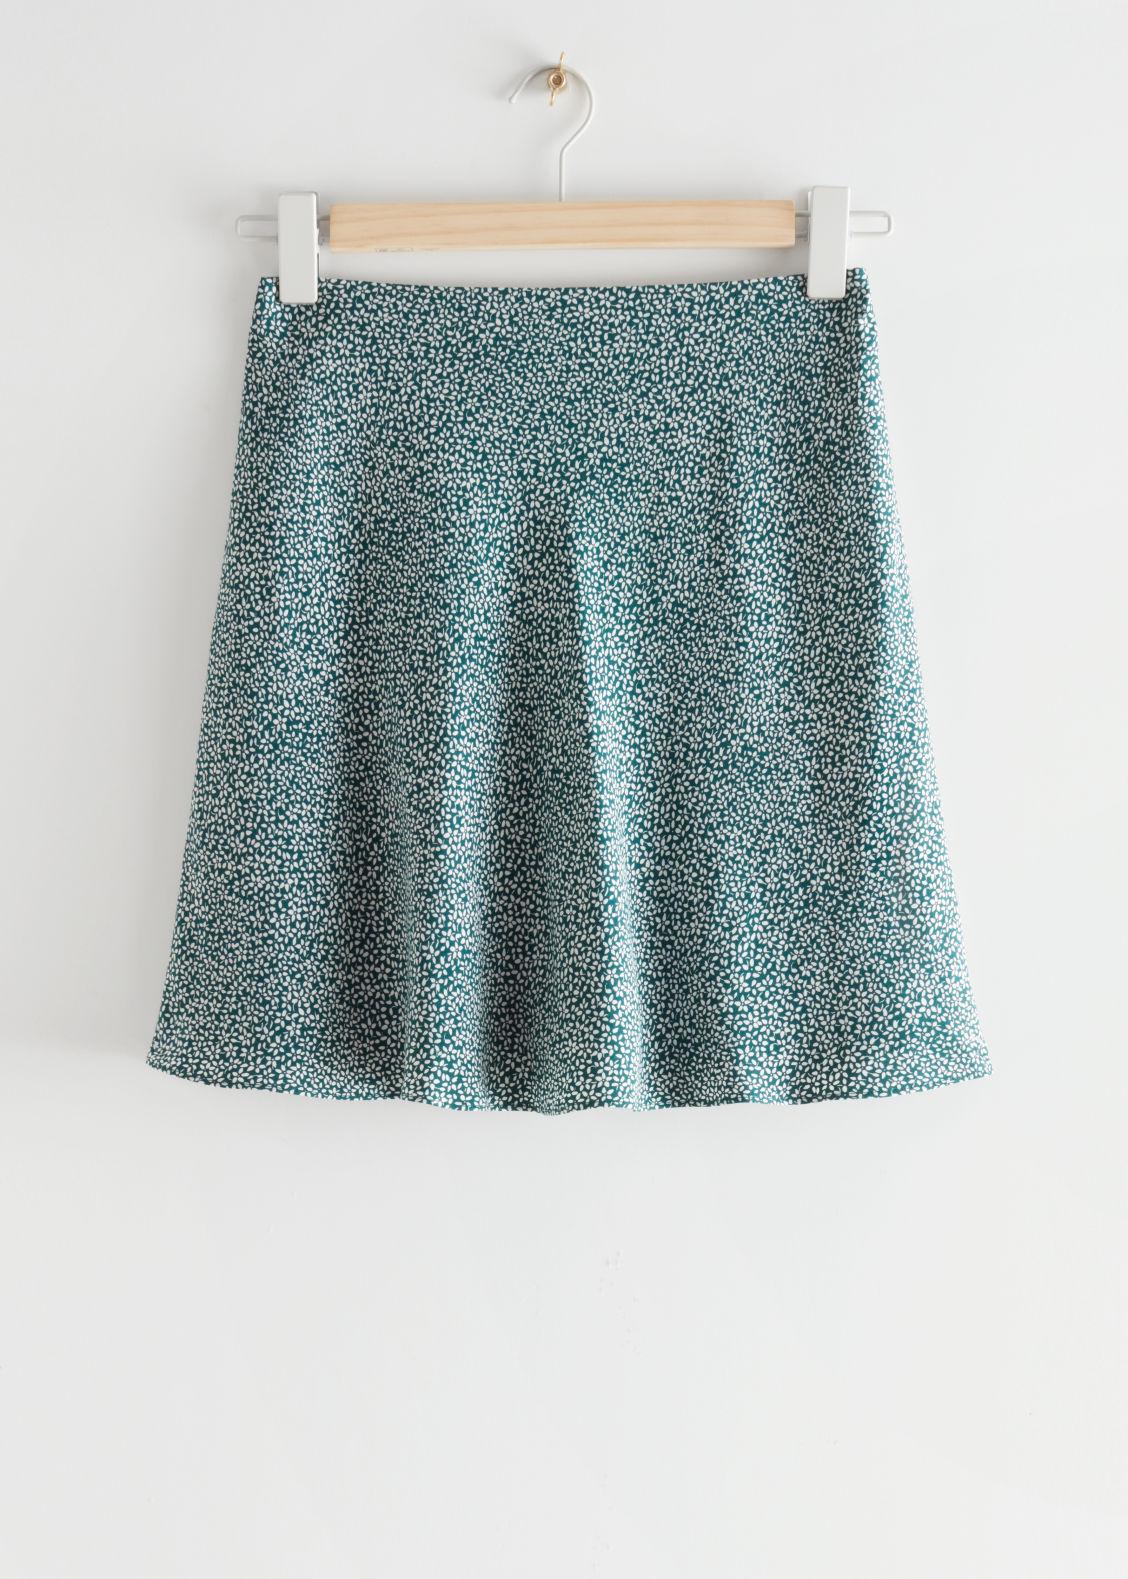 앤 아더 스토리즈 스커트 & OTHER STORIES Satin Mini Skirt,Green Print